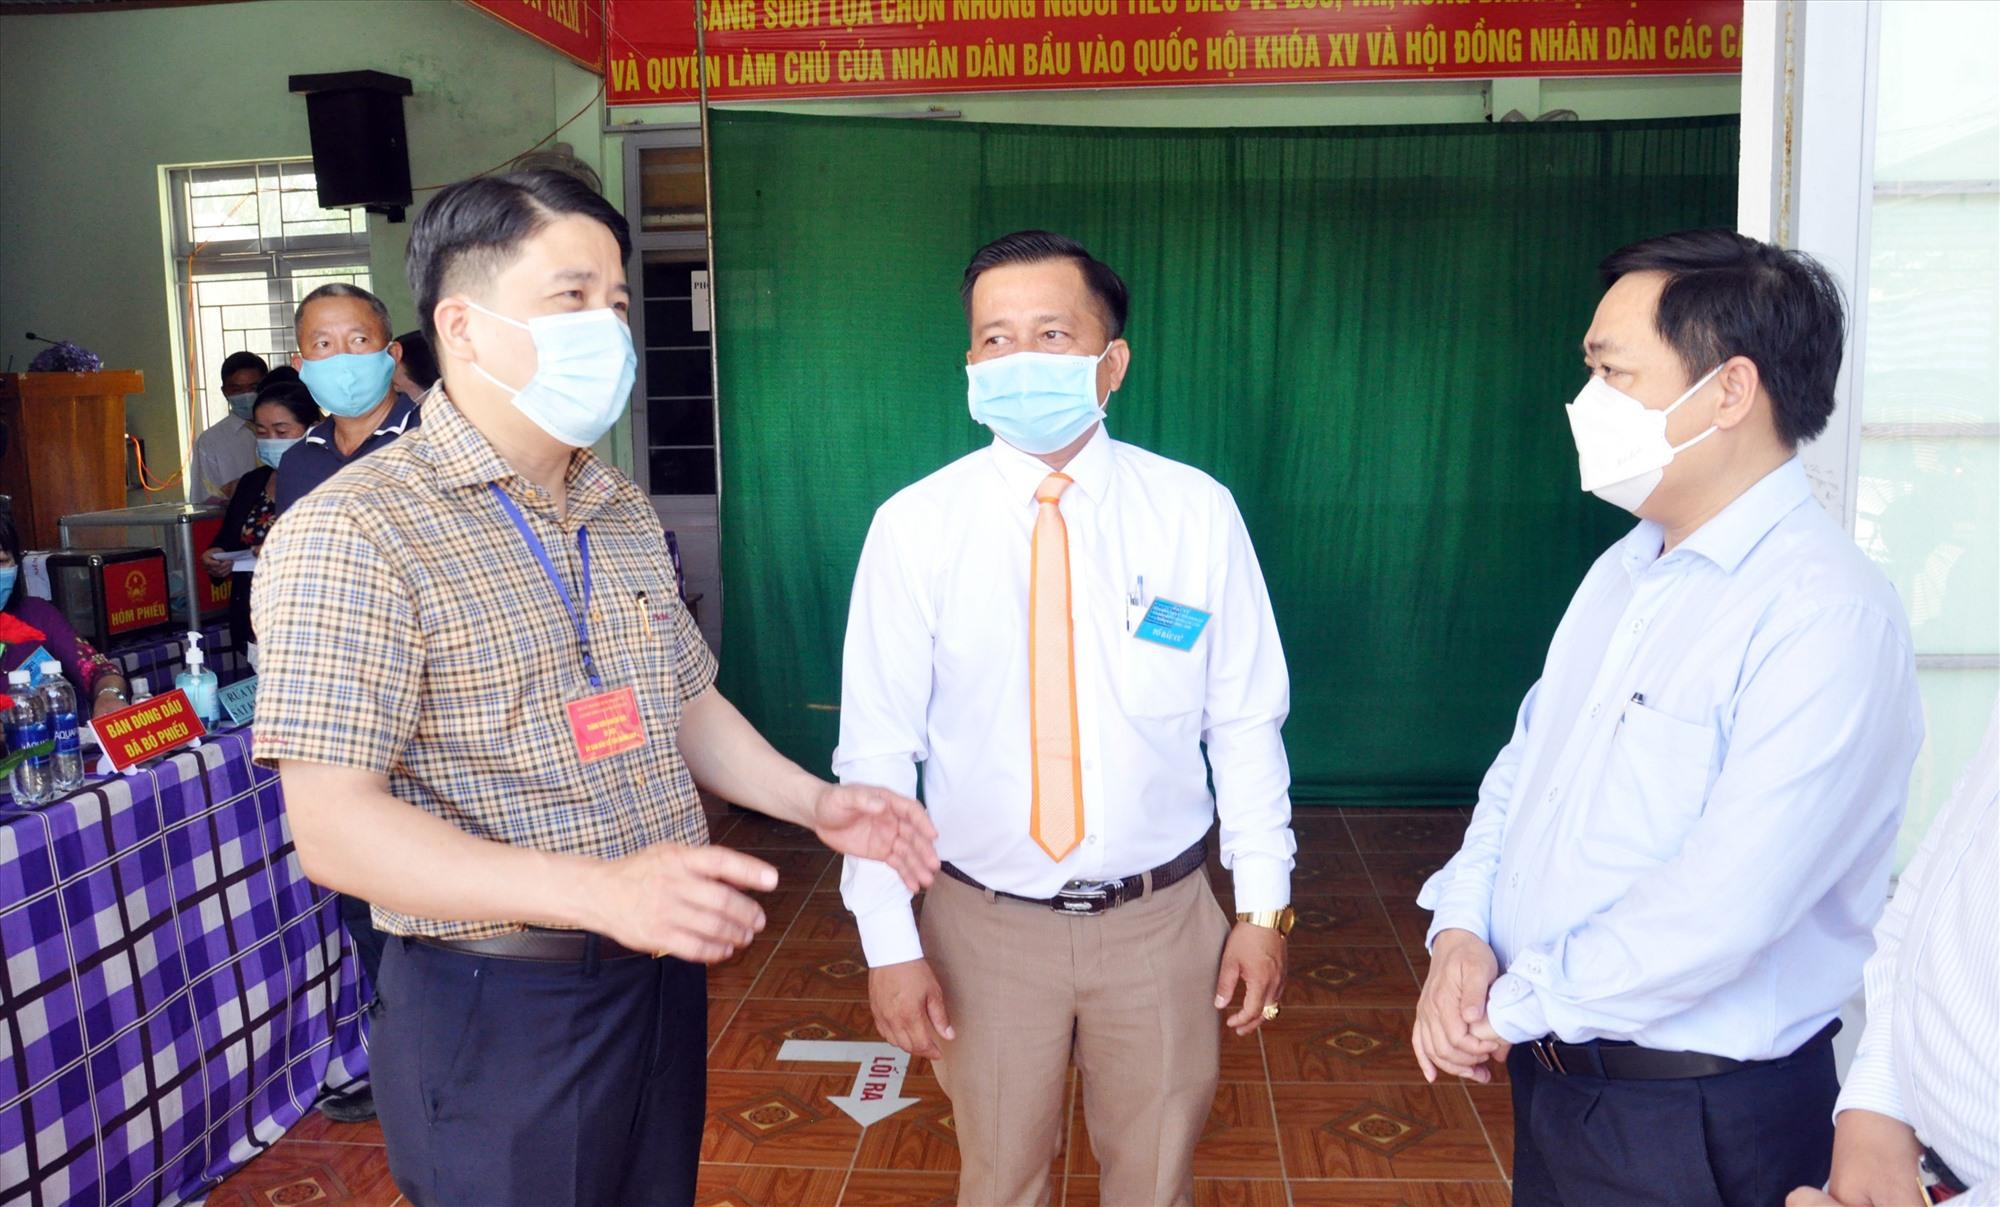 Phó Chủ tịch UBND tỉnh Trần Văn Tân trao đổi về công tác chuẩn bị bầu cử trên địa bàn Tam Kỳ